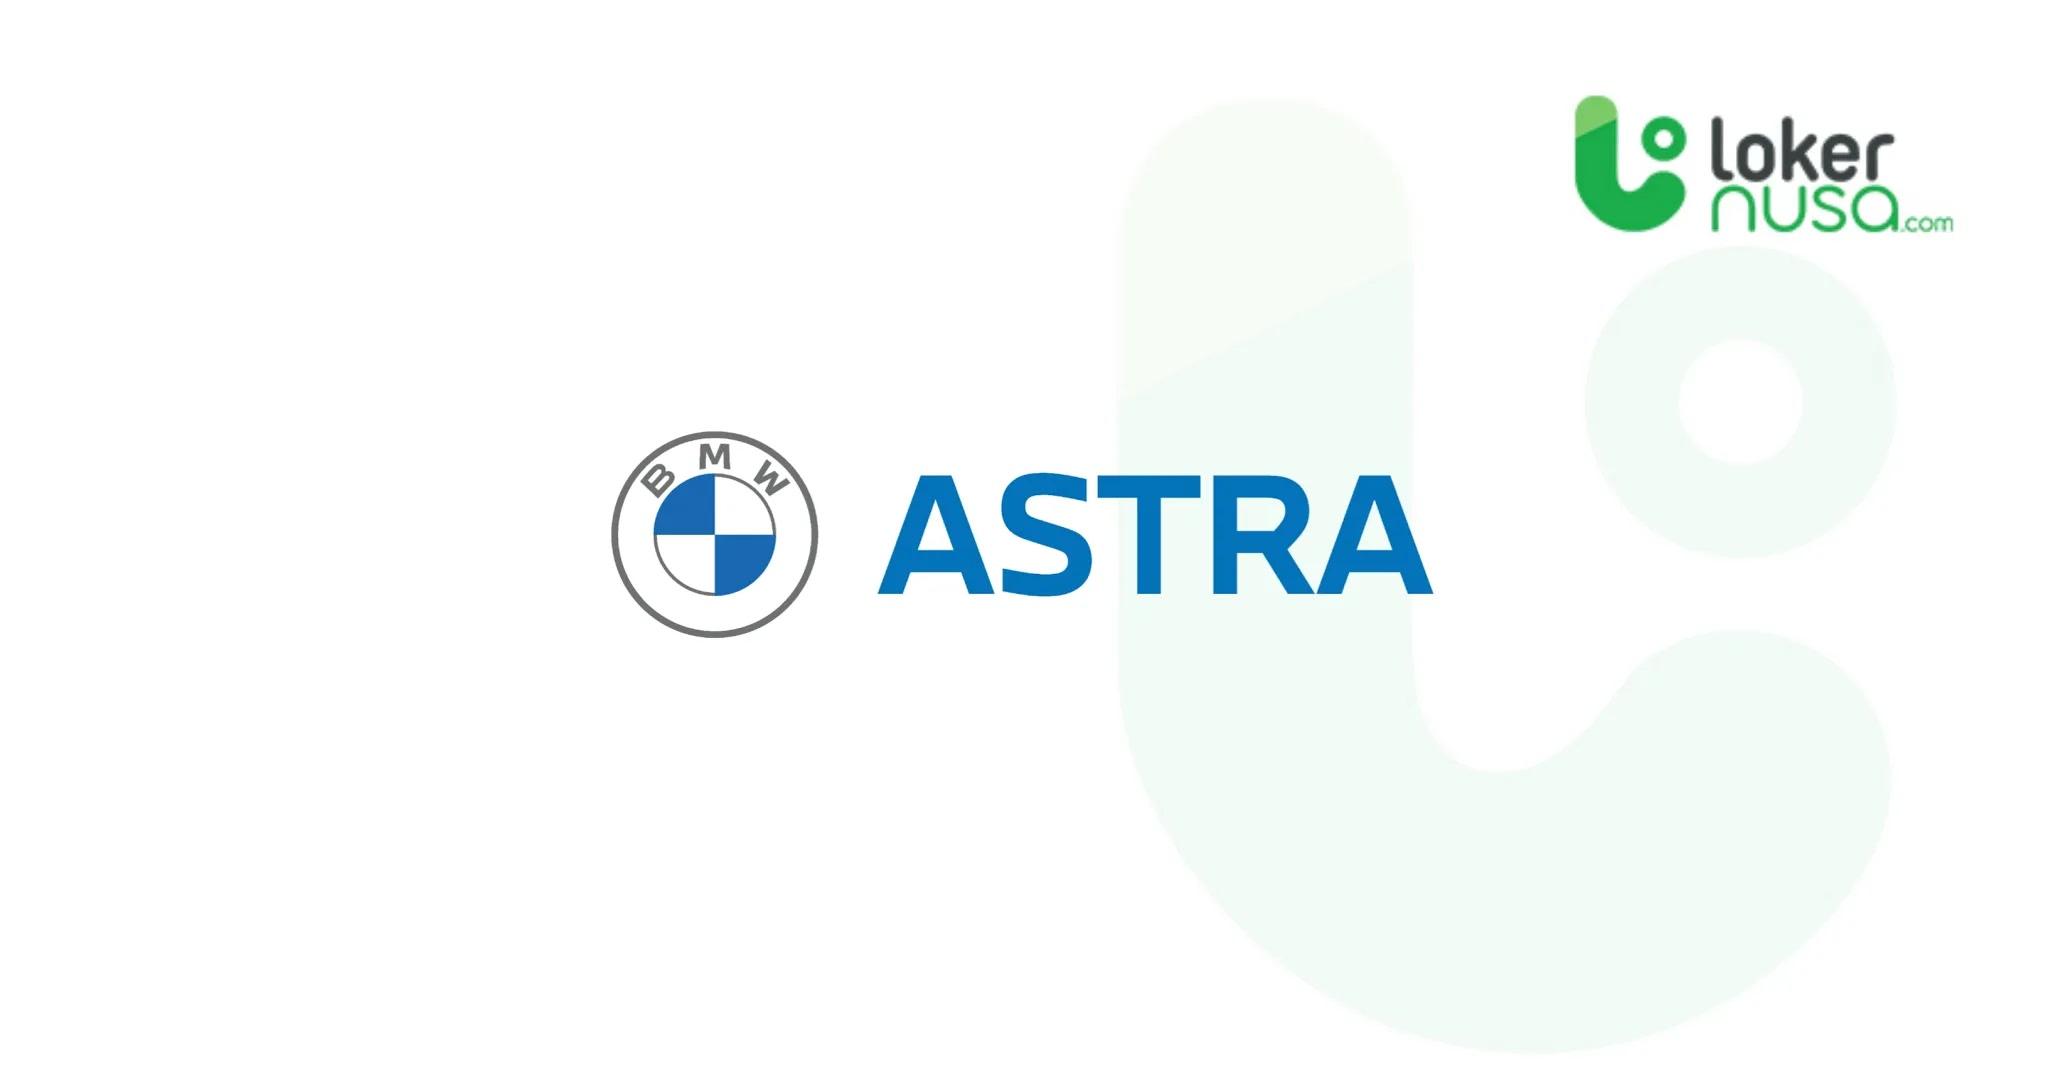 Lowongan Kerja Terbaru BMW Astra